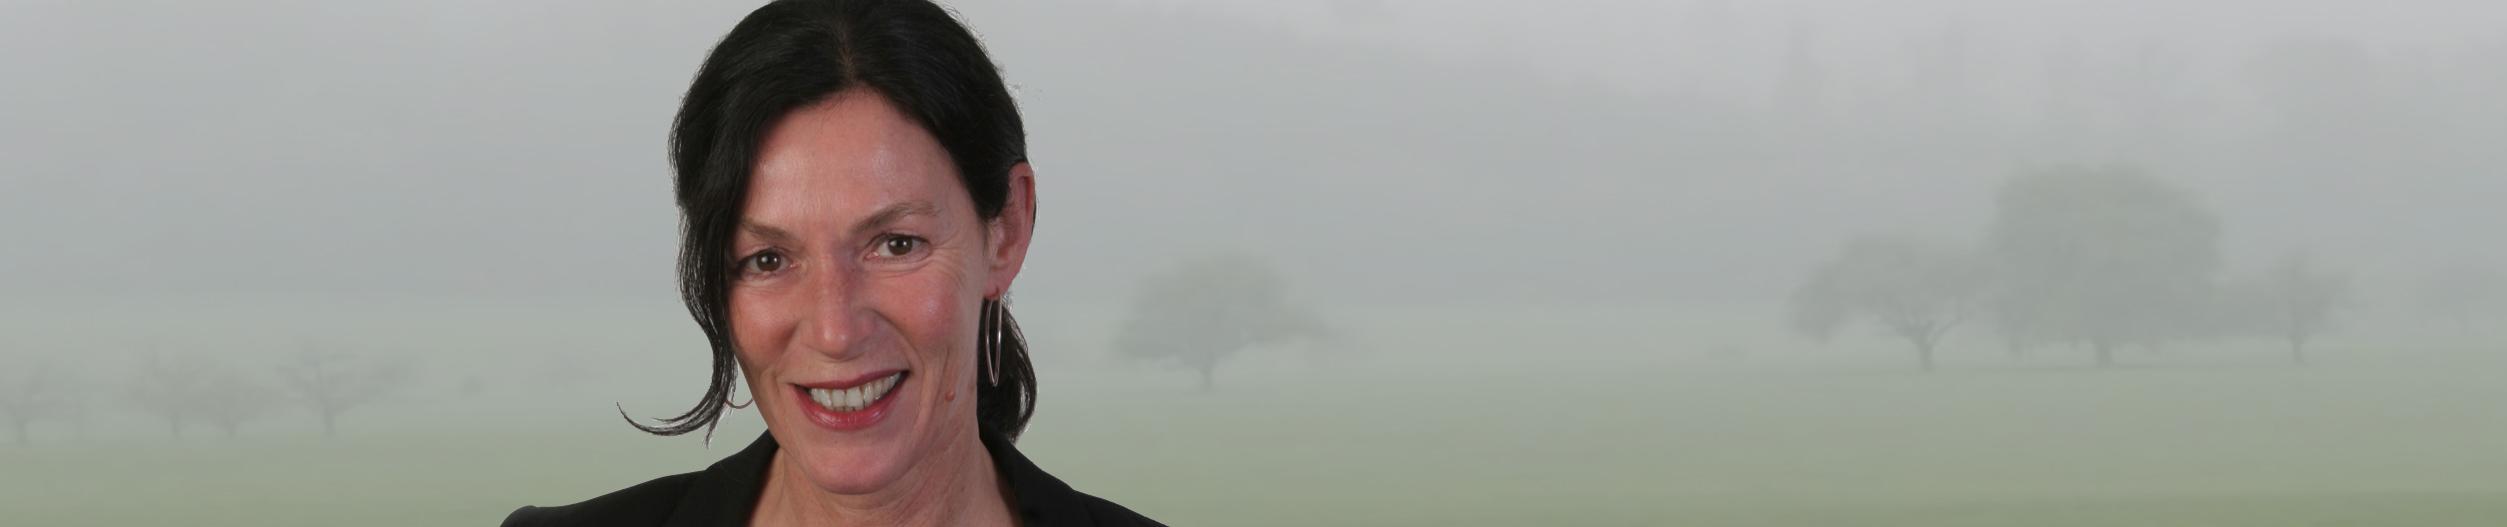 webagentur-mw-ueber-mich - das Bild zeigt ein Foto von Monica Wenczel vor einer nebligen Landschaft im Hintergrund